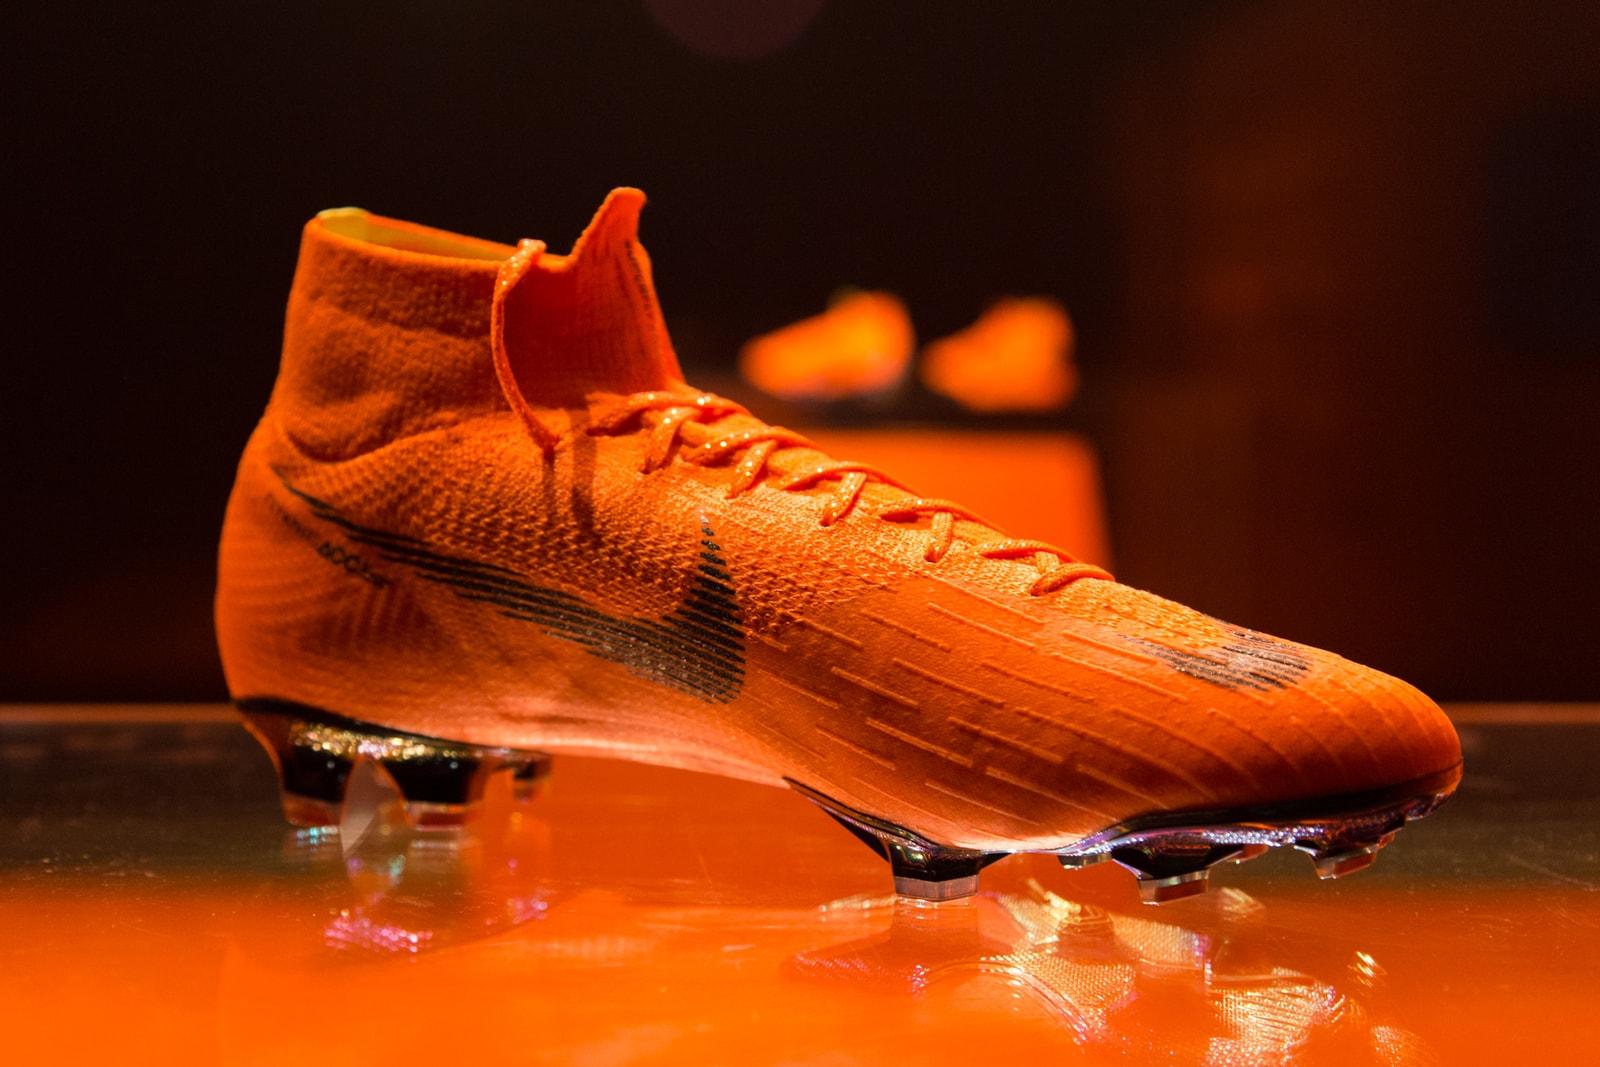 나이키 축구화 2018 머큐리얼 360 런던 네이마르 아자르 산체스 호날두 축구화 nike football mercurial 360 superfly vapor neymar jr sanchez eden hazard cristiano ronaldo football boots